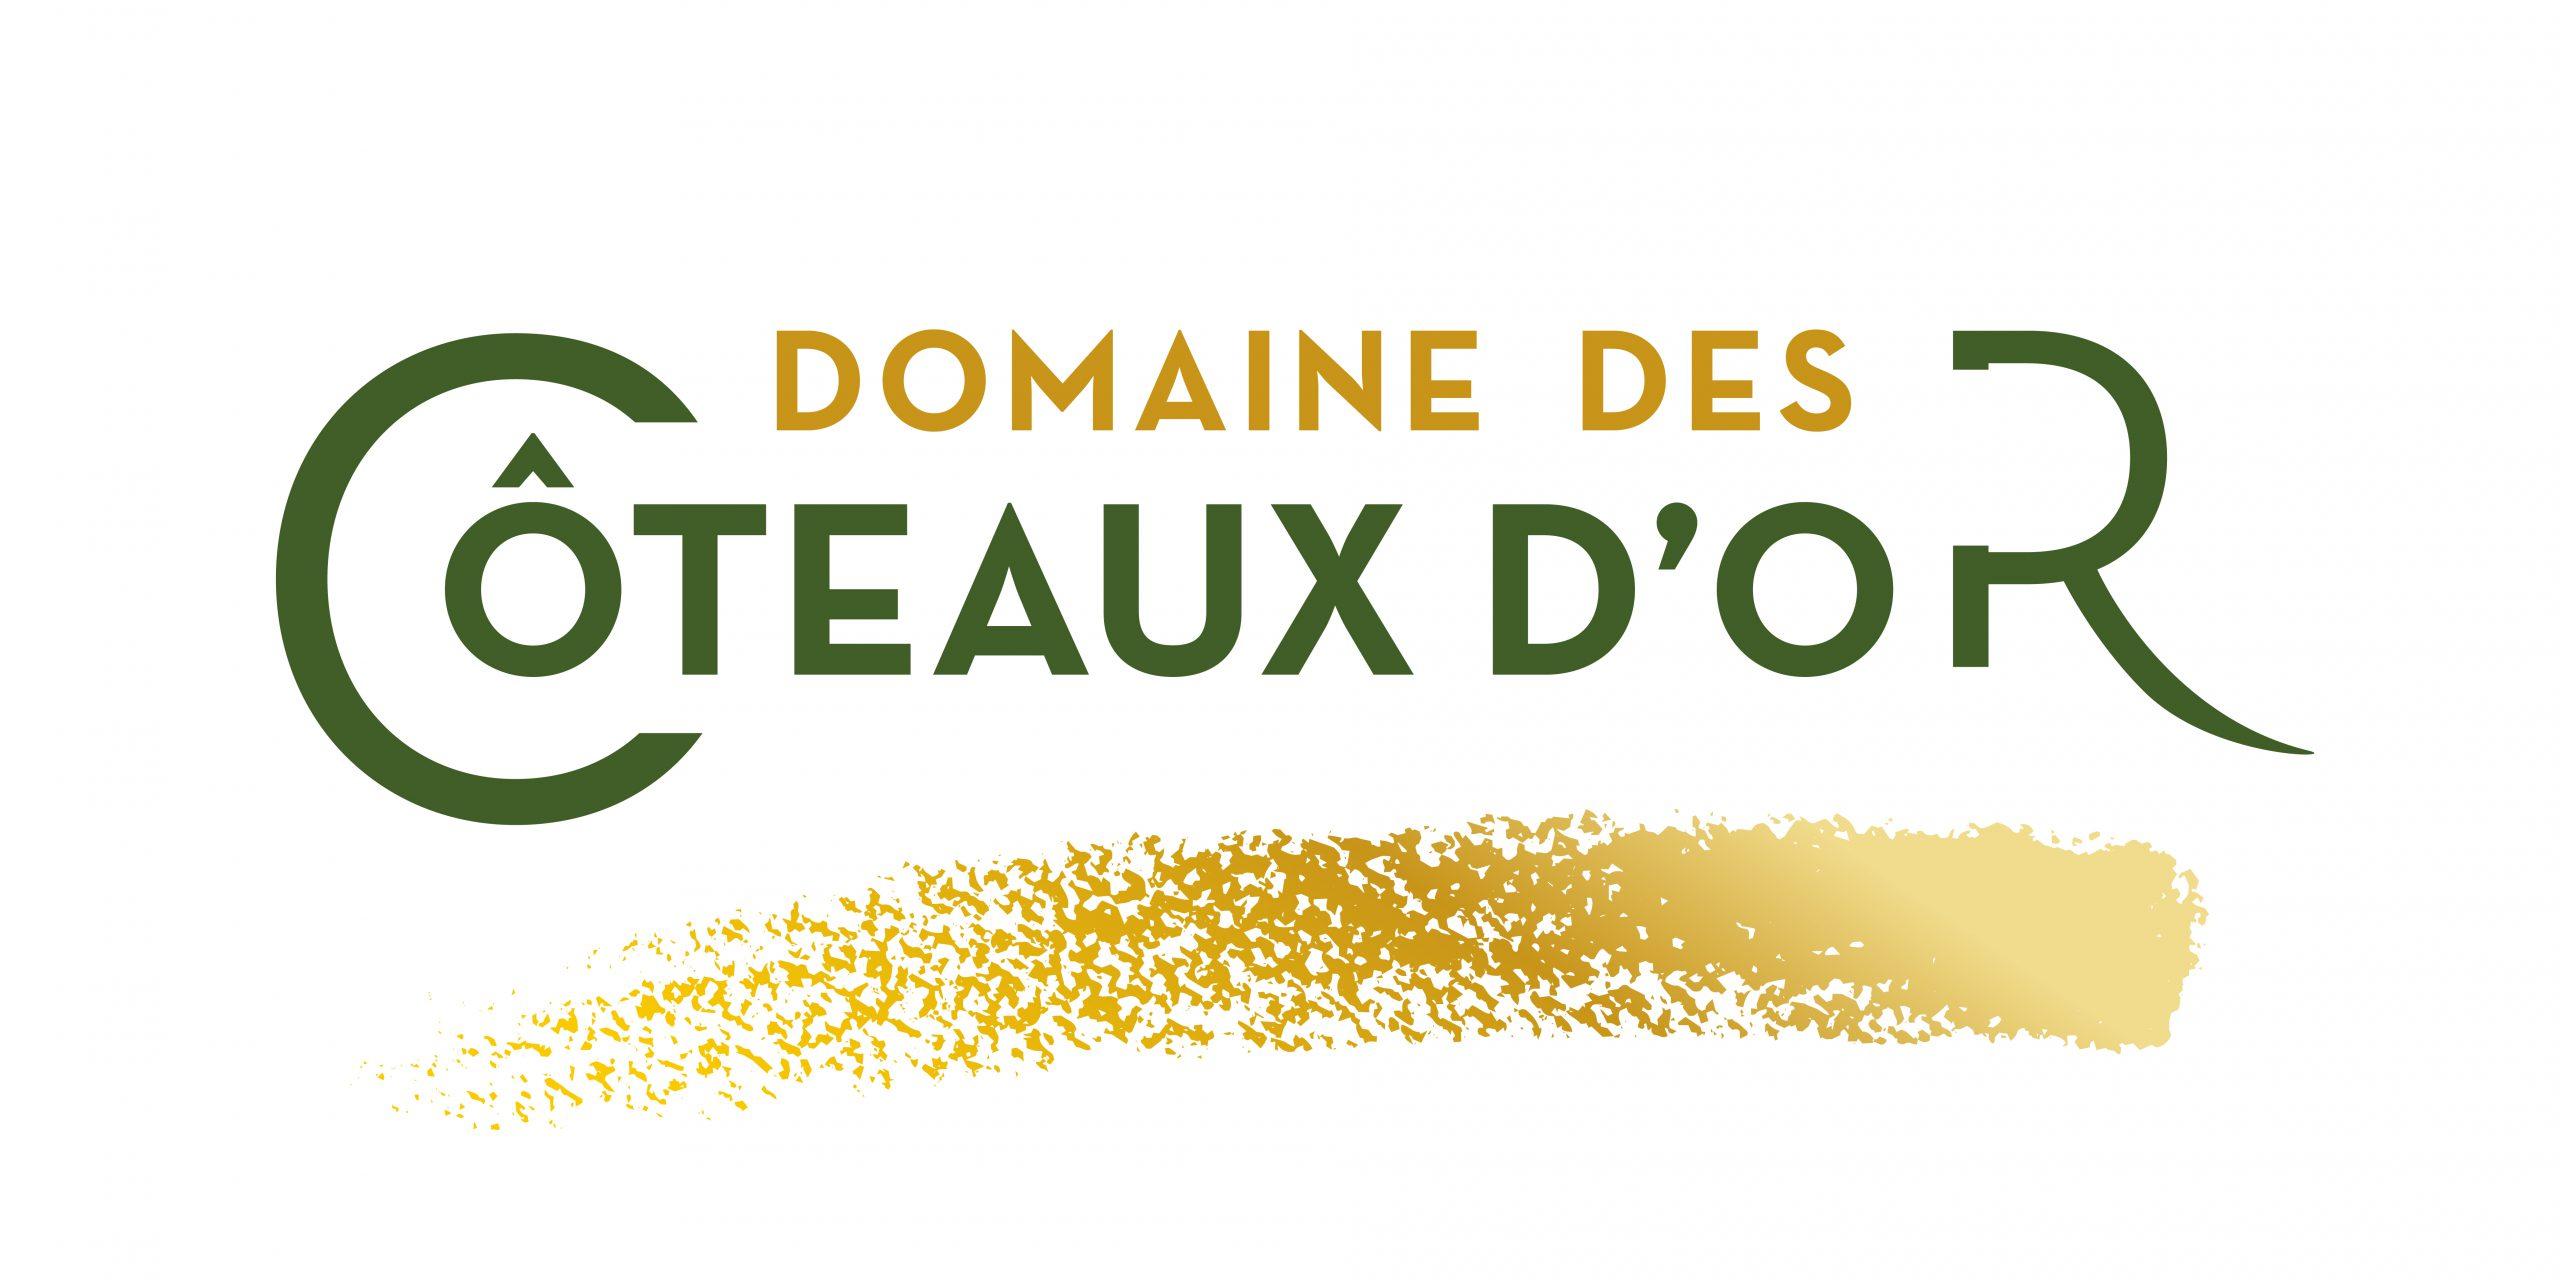 Domaine des Coteaux d'Or vin beaujolais biologique